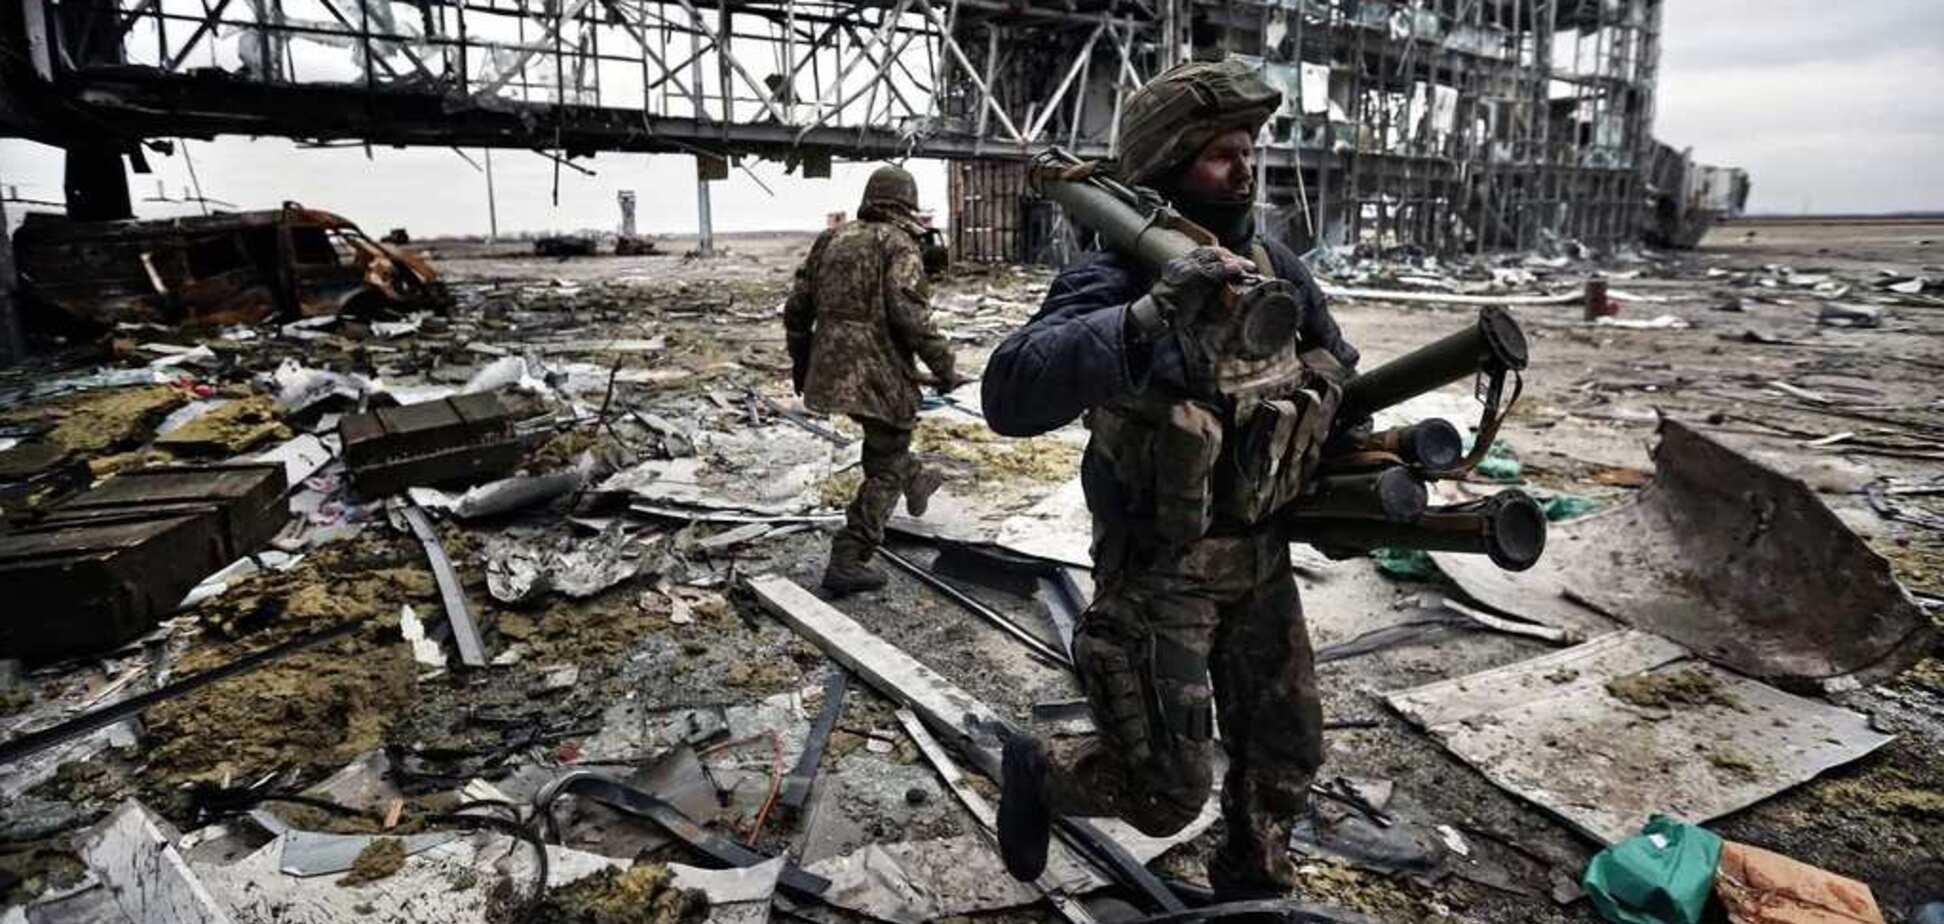 Українські кіборги: згадаємо всіх, вічна вам пам'ять, Хлопці!